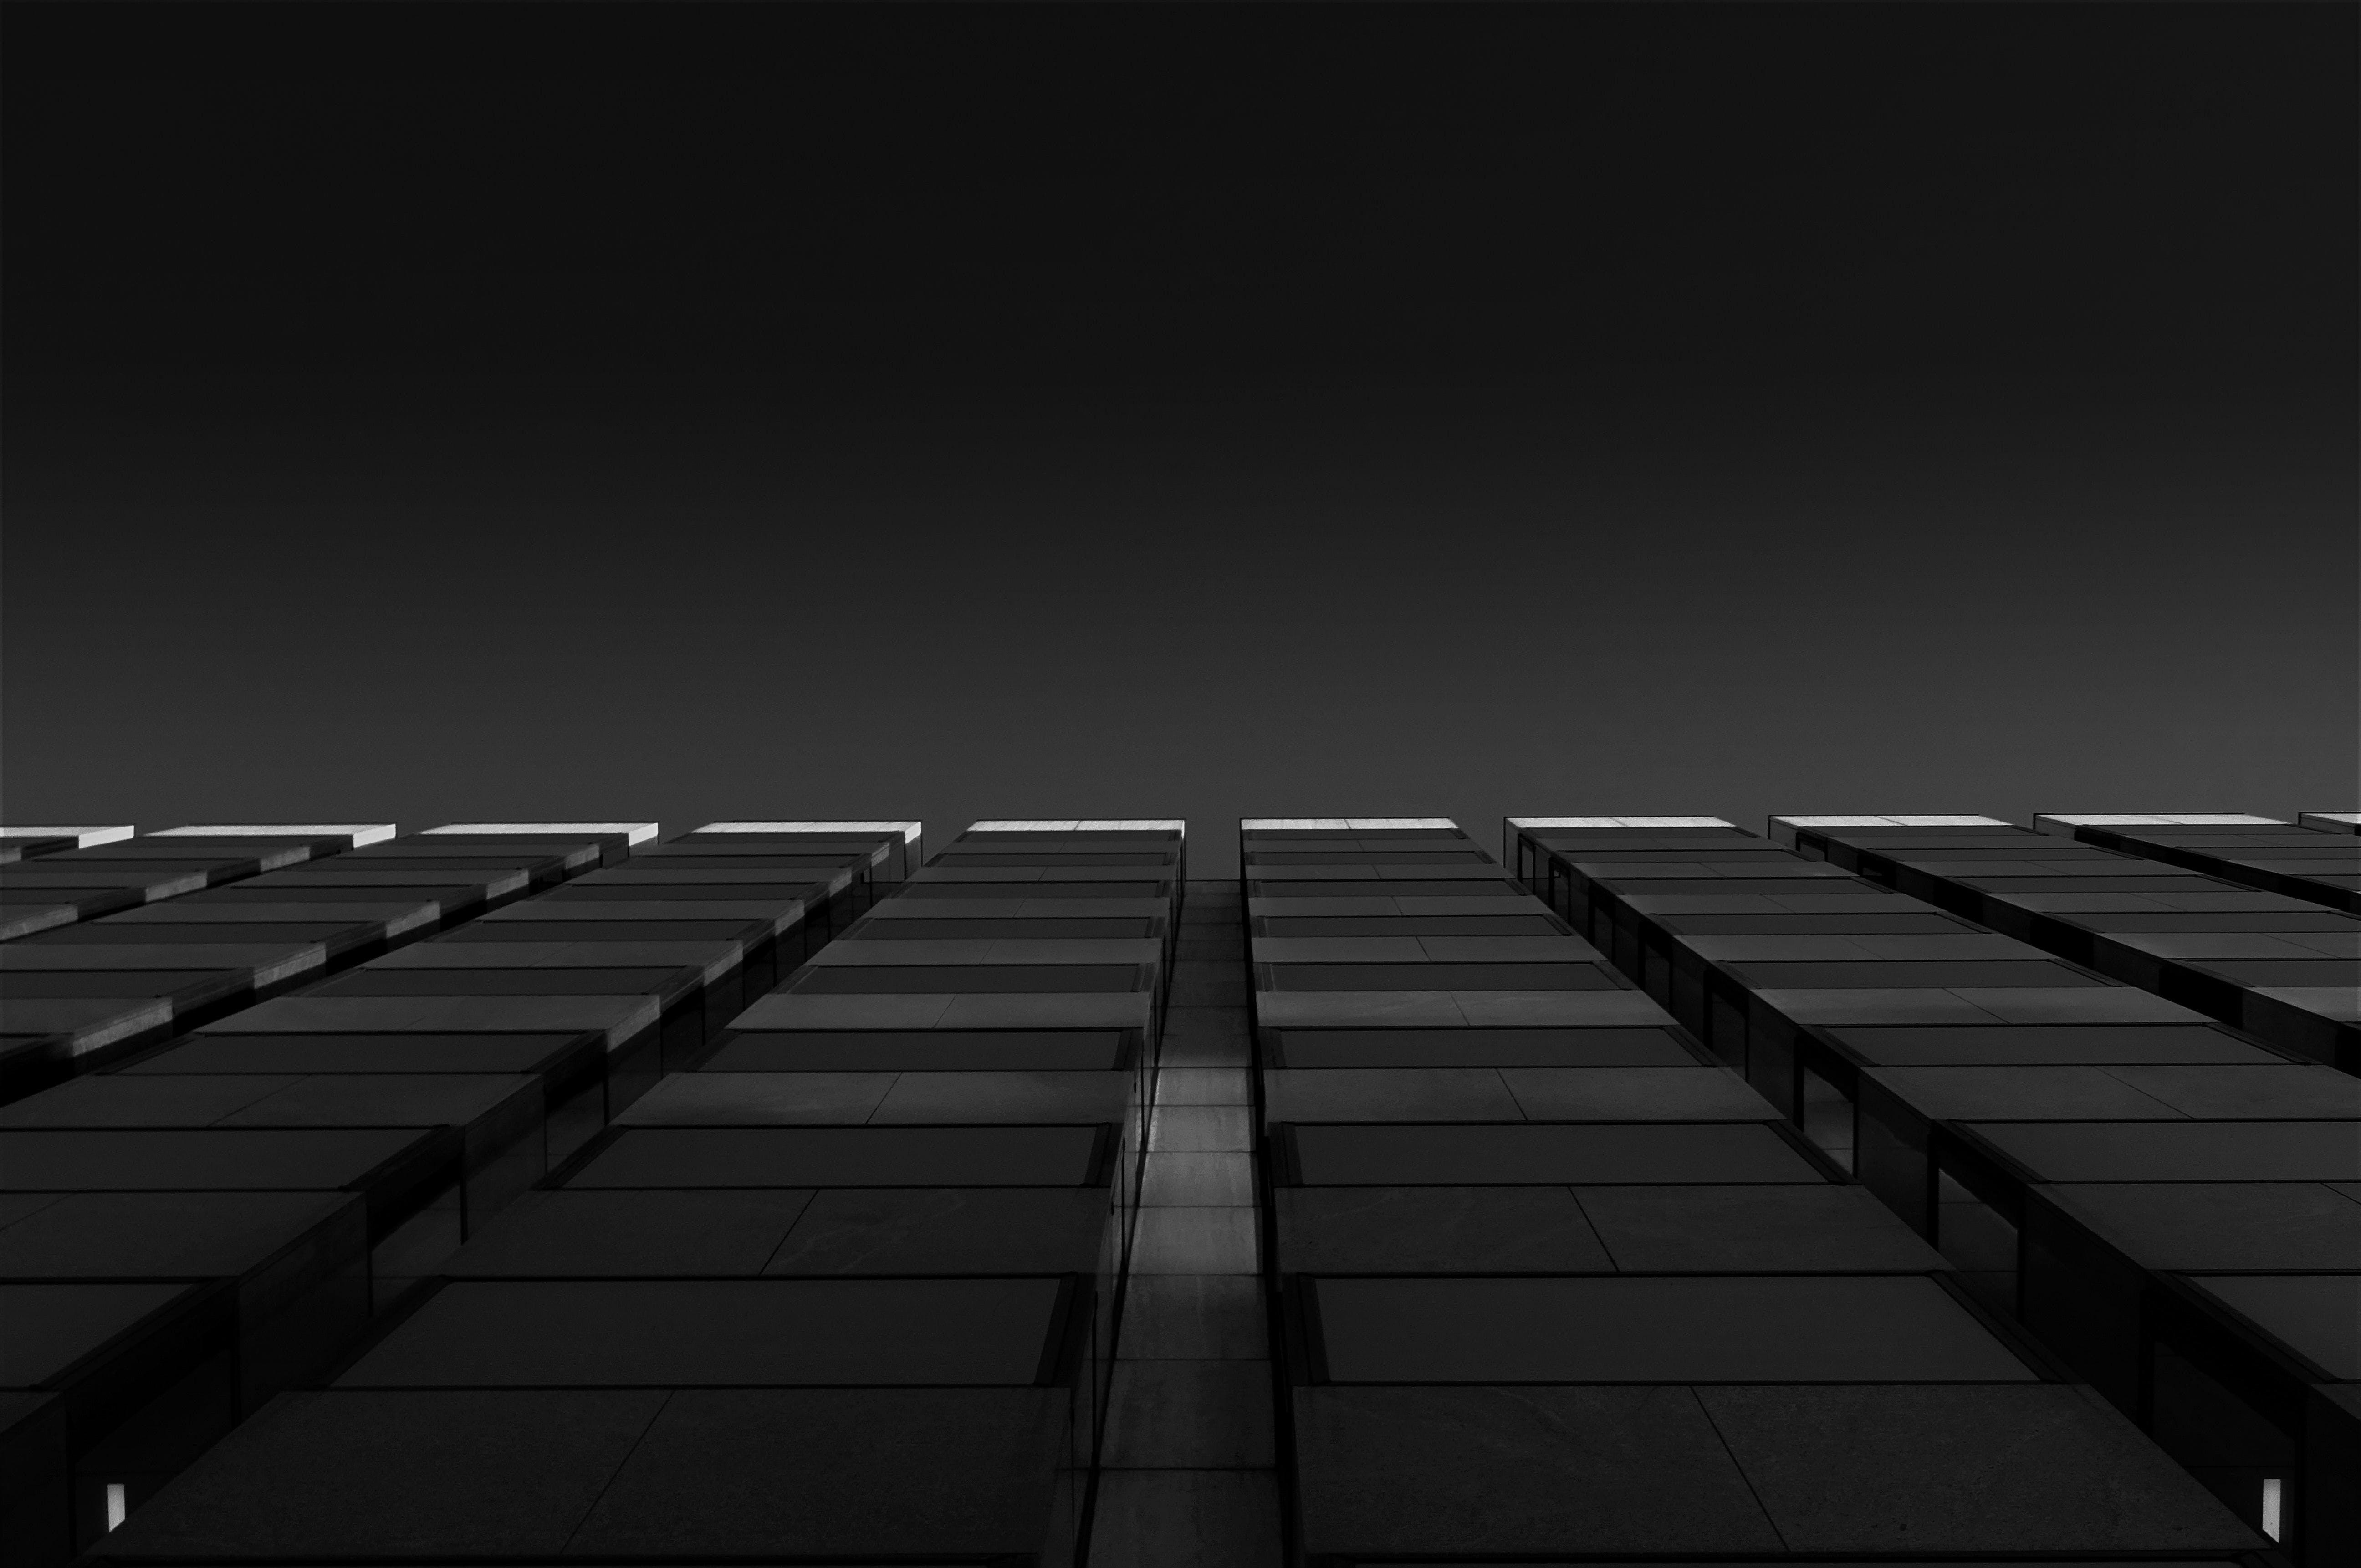 architektur, aufnahme von unten, bürogebäude